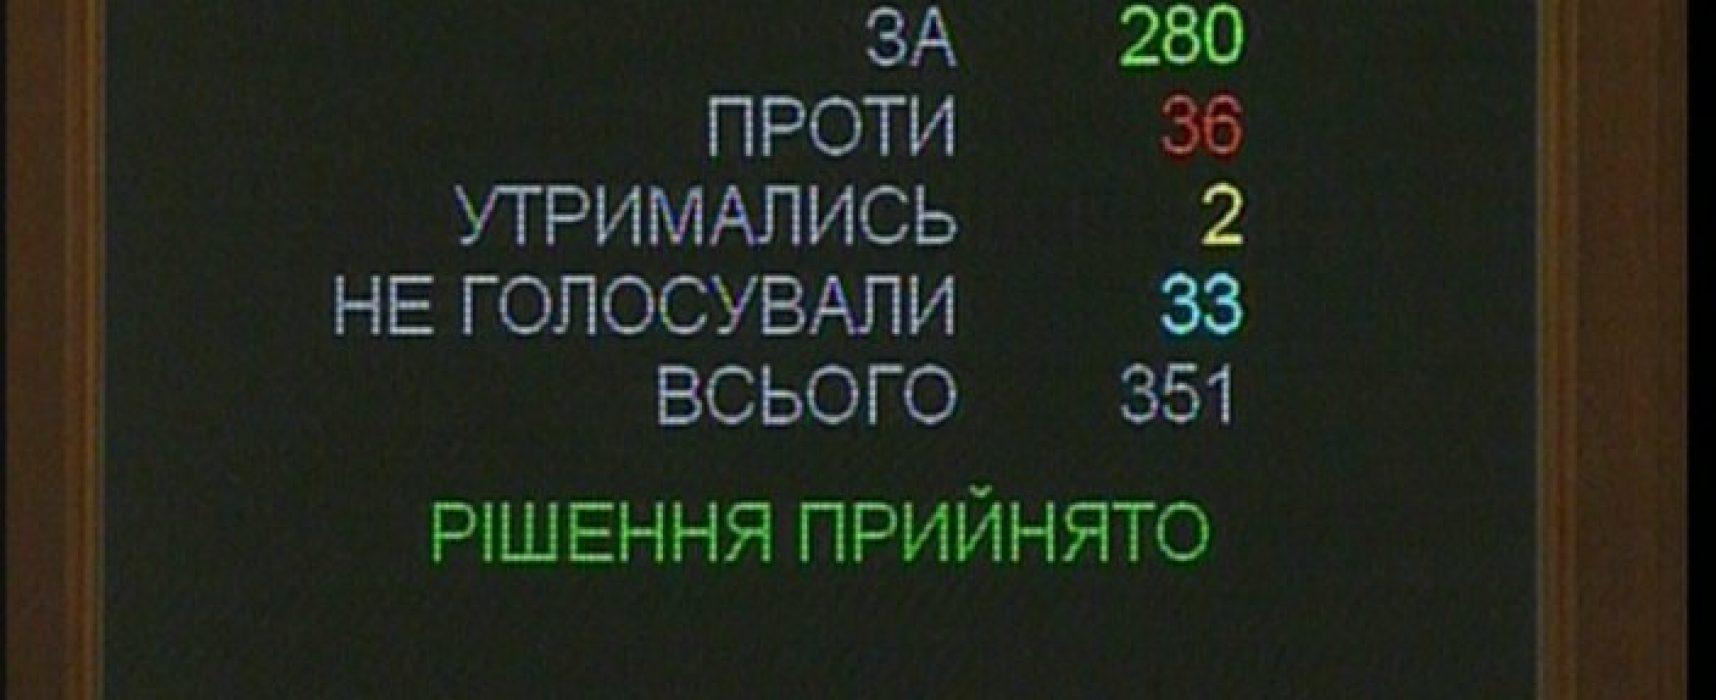 L'Ucraina riconosce per legge la Russia come Stato aggressore